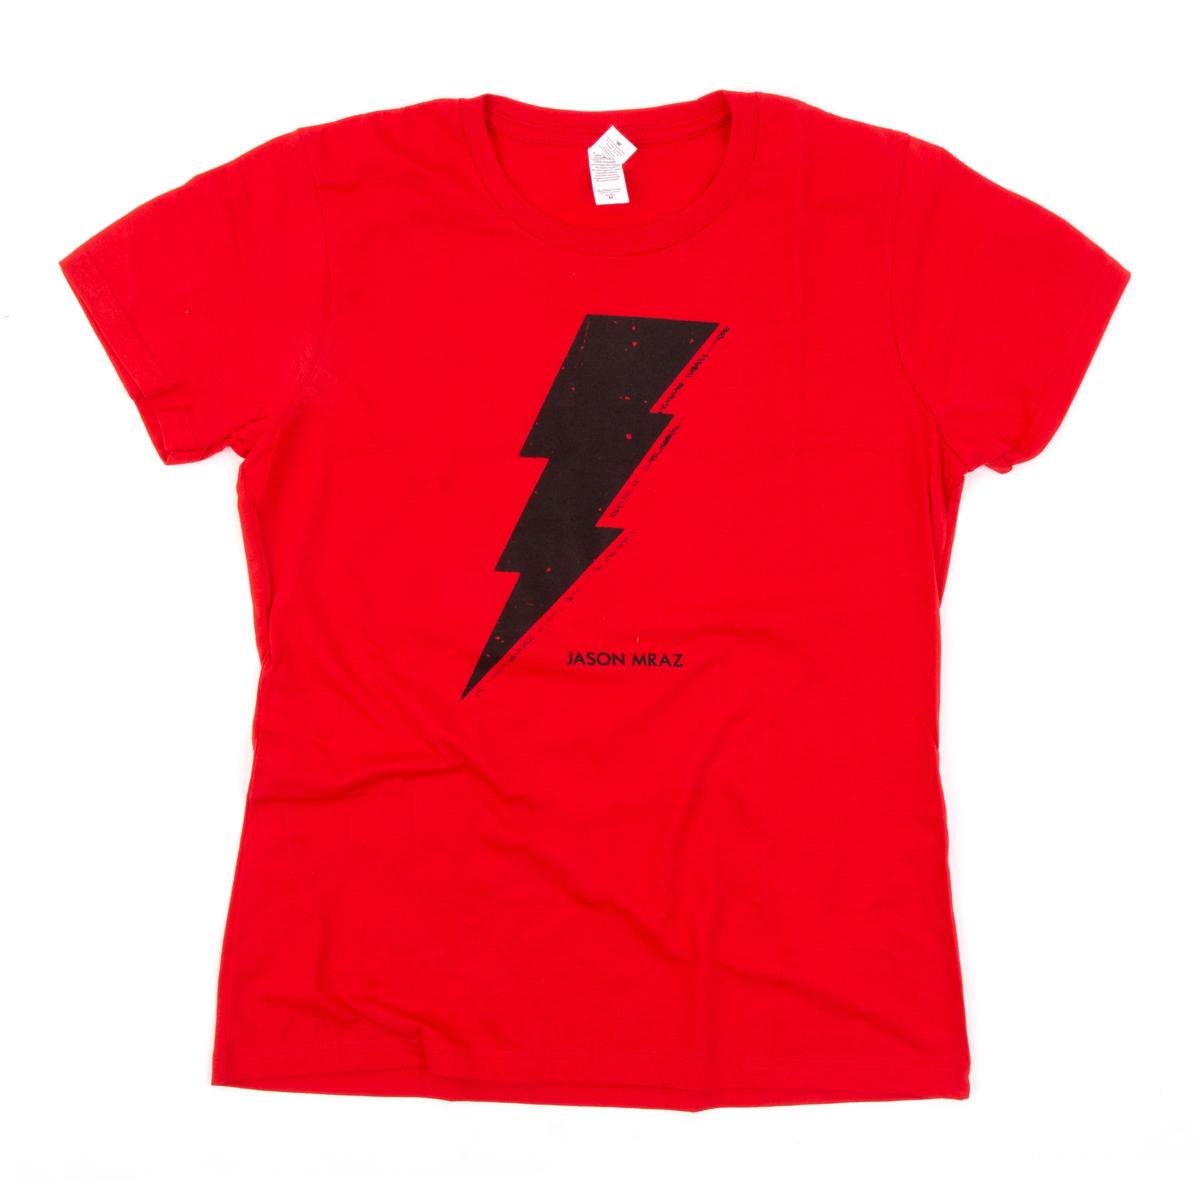 Womens Lighting Bolt T-shirt